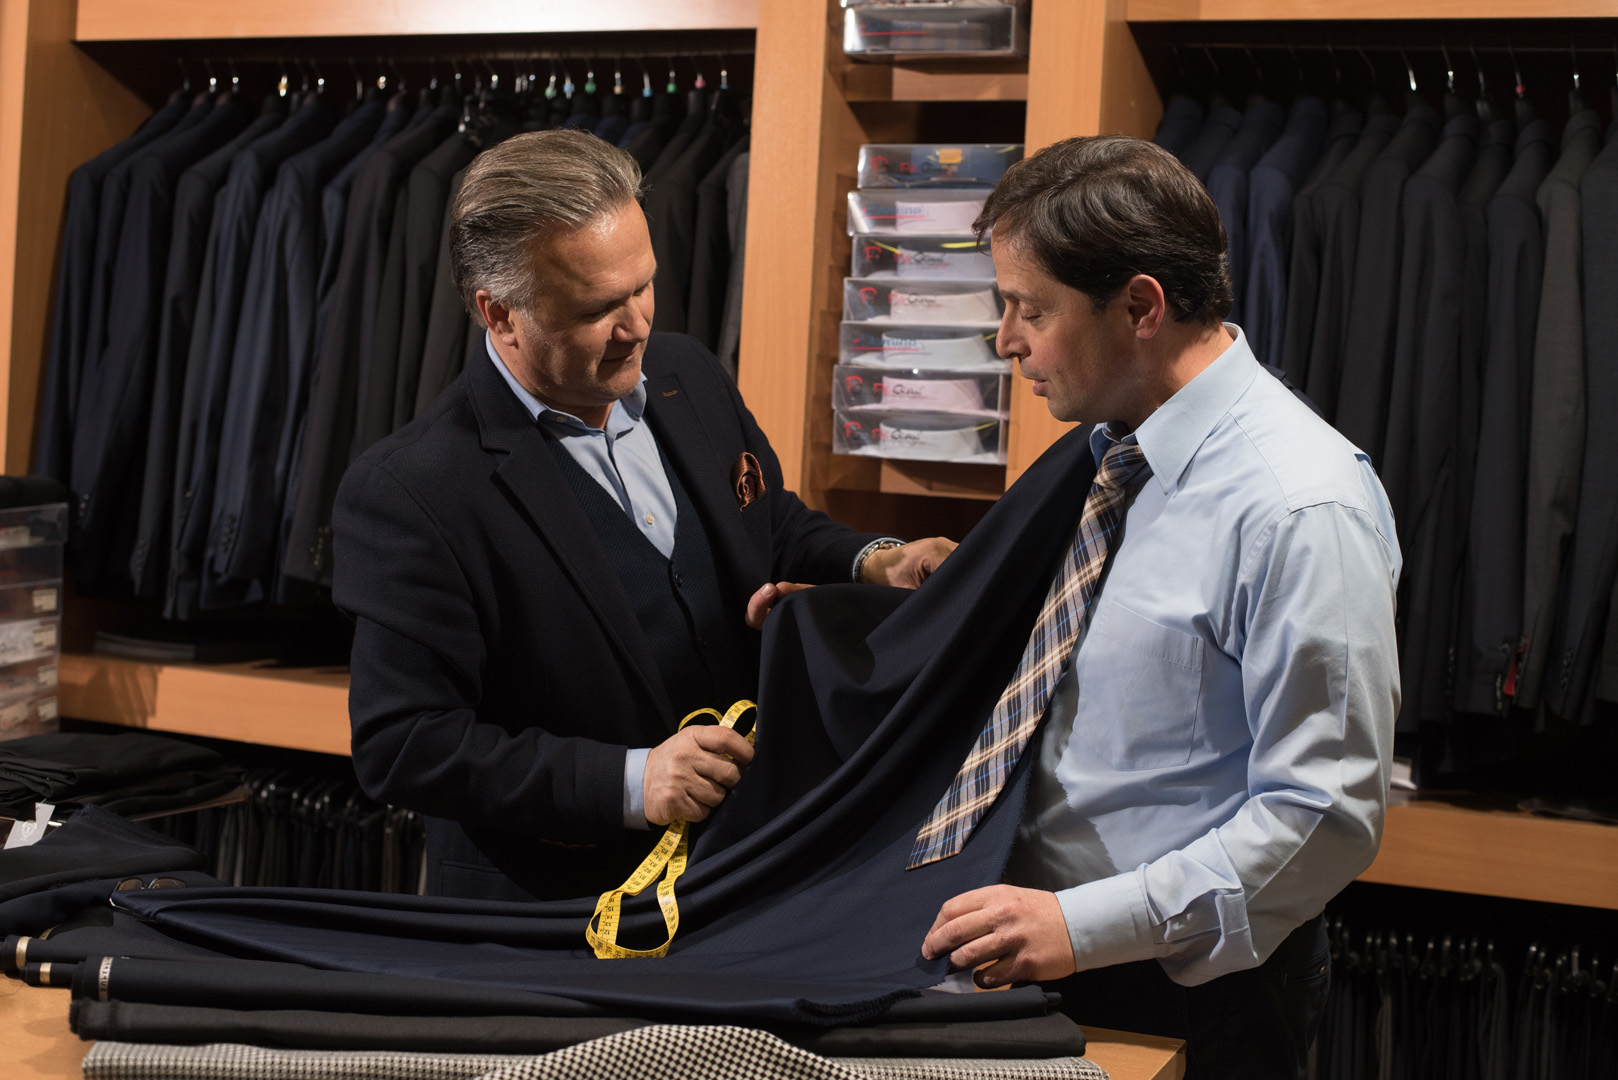 Γιάννης Τσίτουρας Παγκράτι κοστούμια κατά παραγγελία